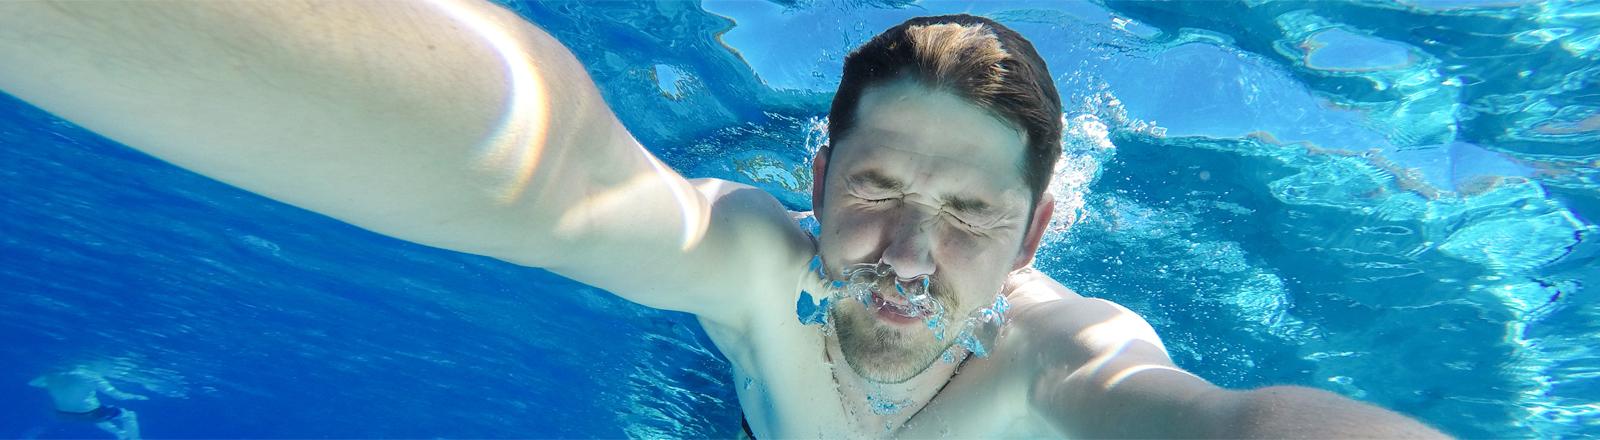 Tauchender Mann im Schwimmbad